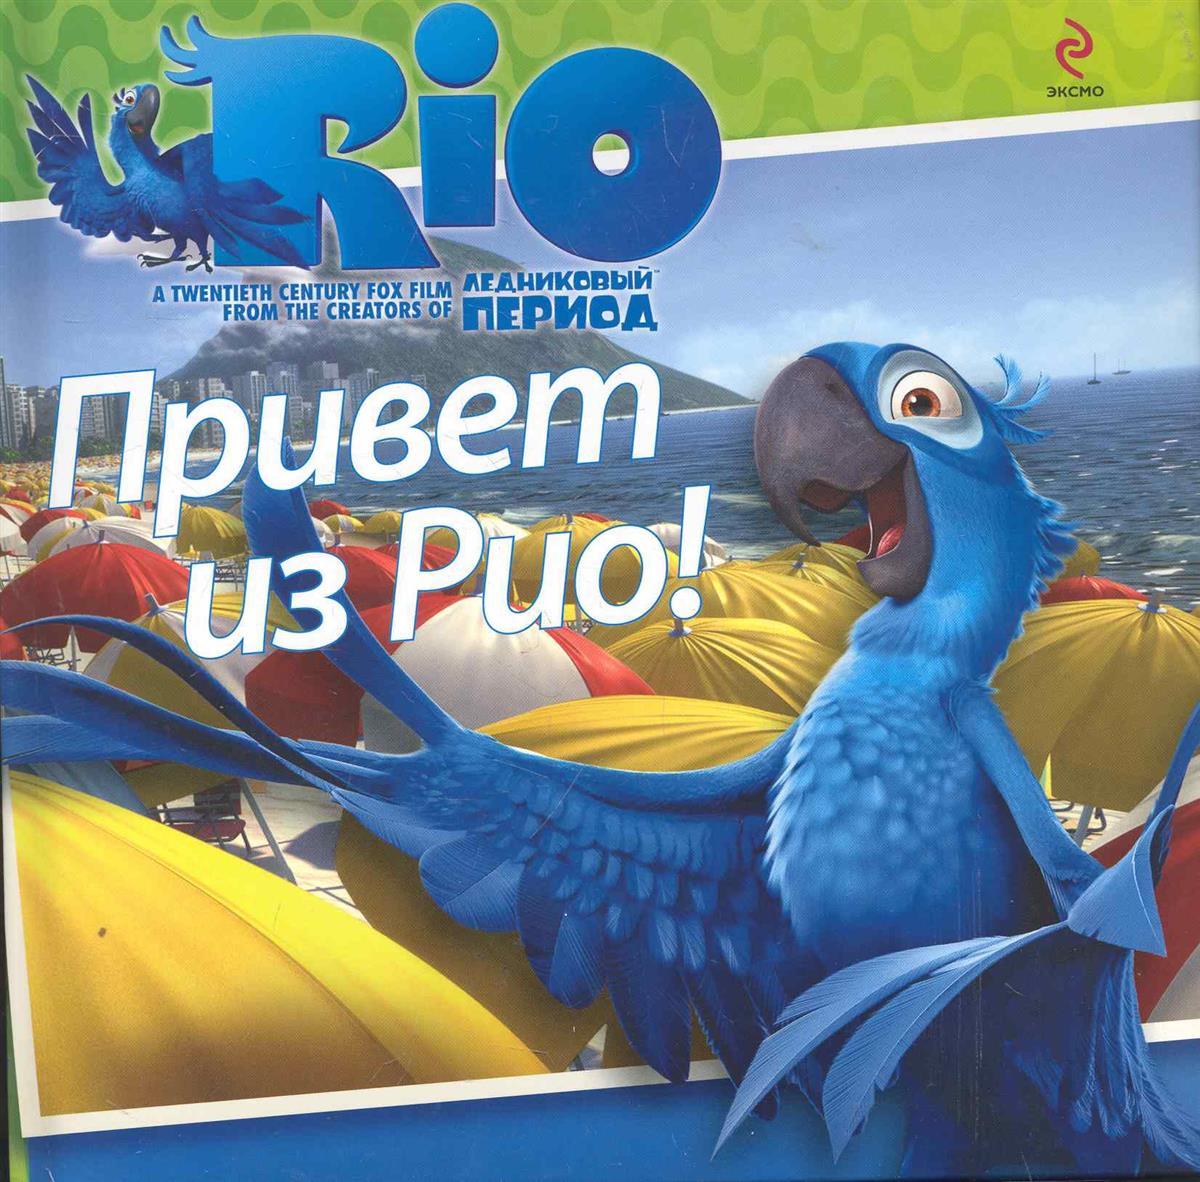 Долгачева О. (пер.) РИО Привет из Рио спальня рио